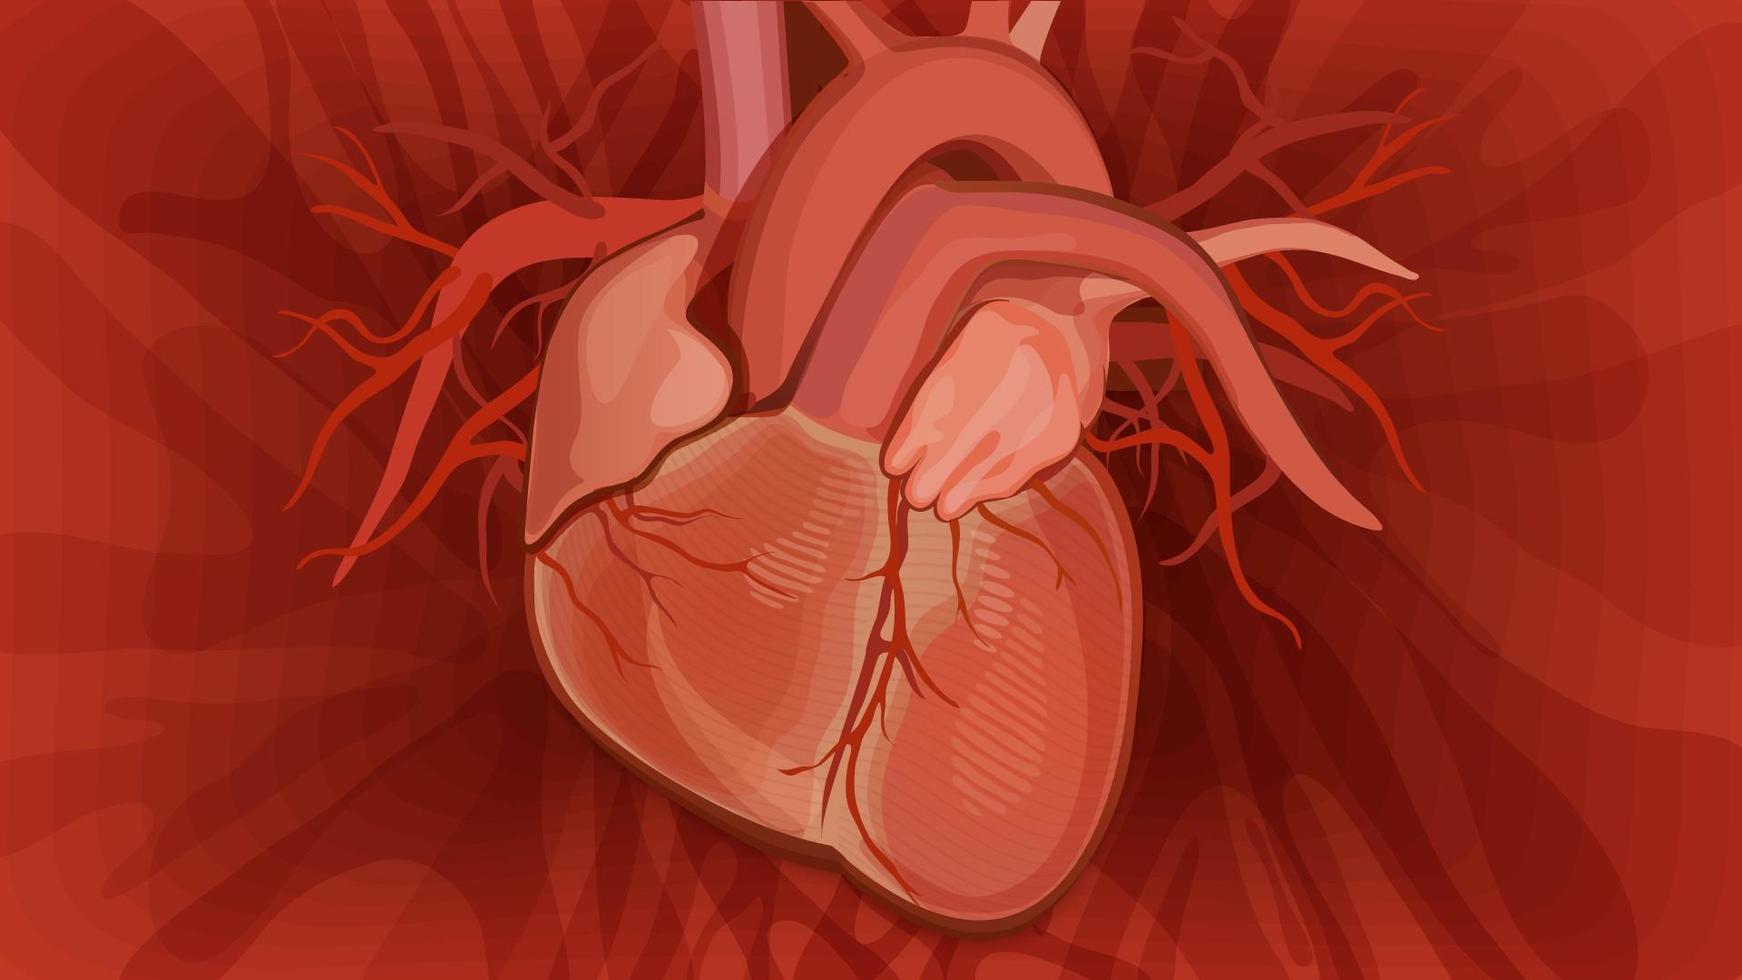 anatomiskt hjärta på röd bakgrund. vektor